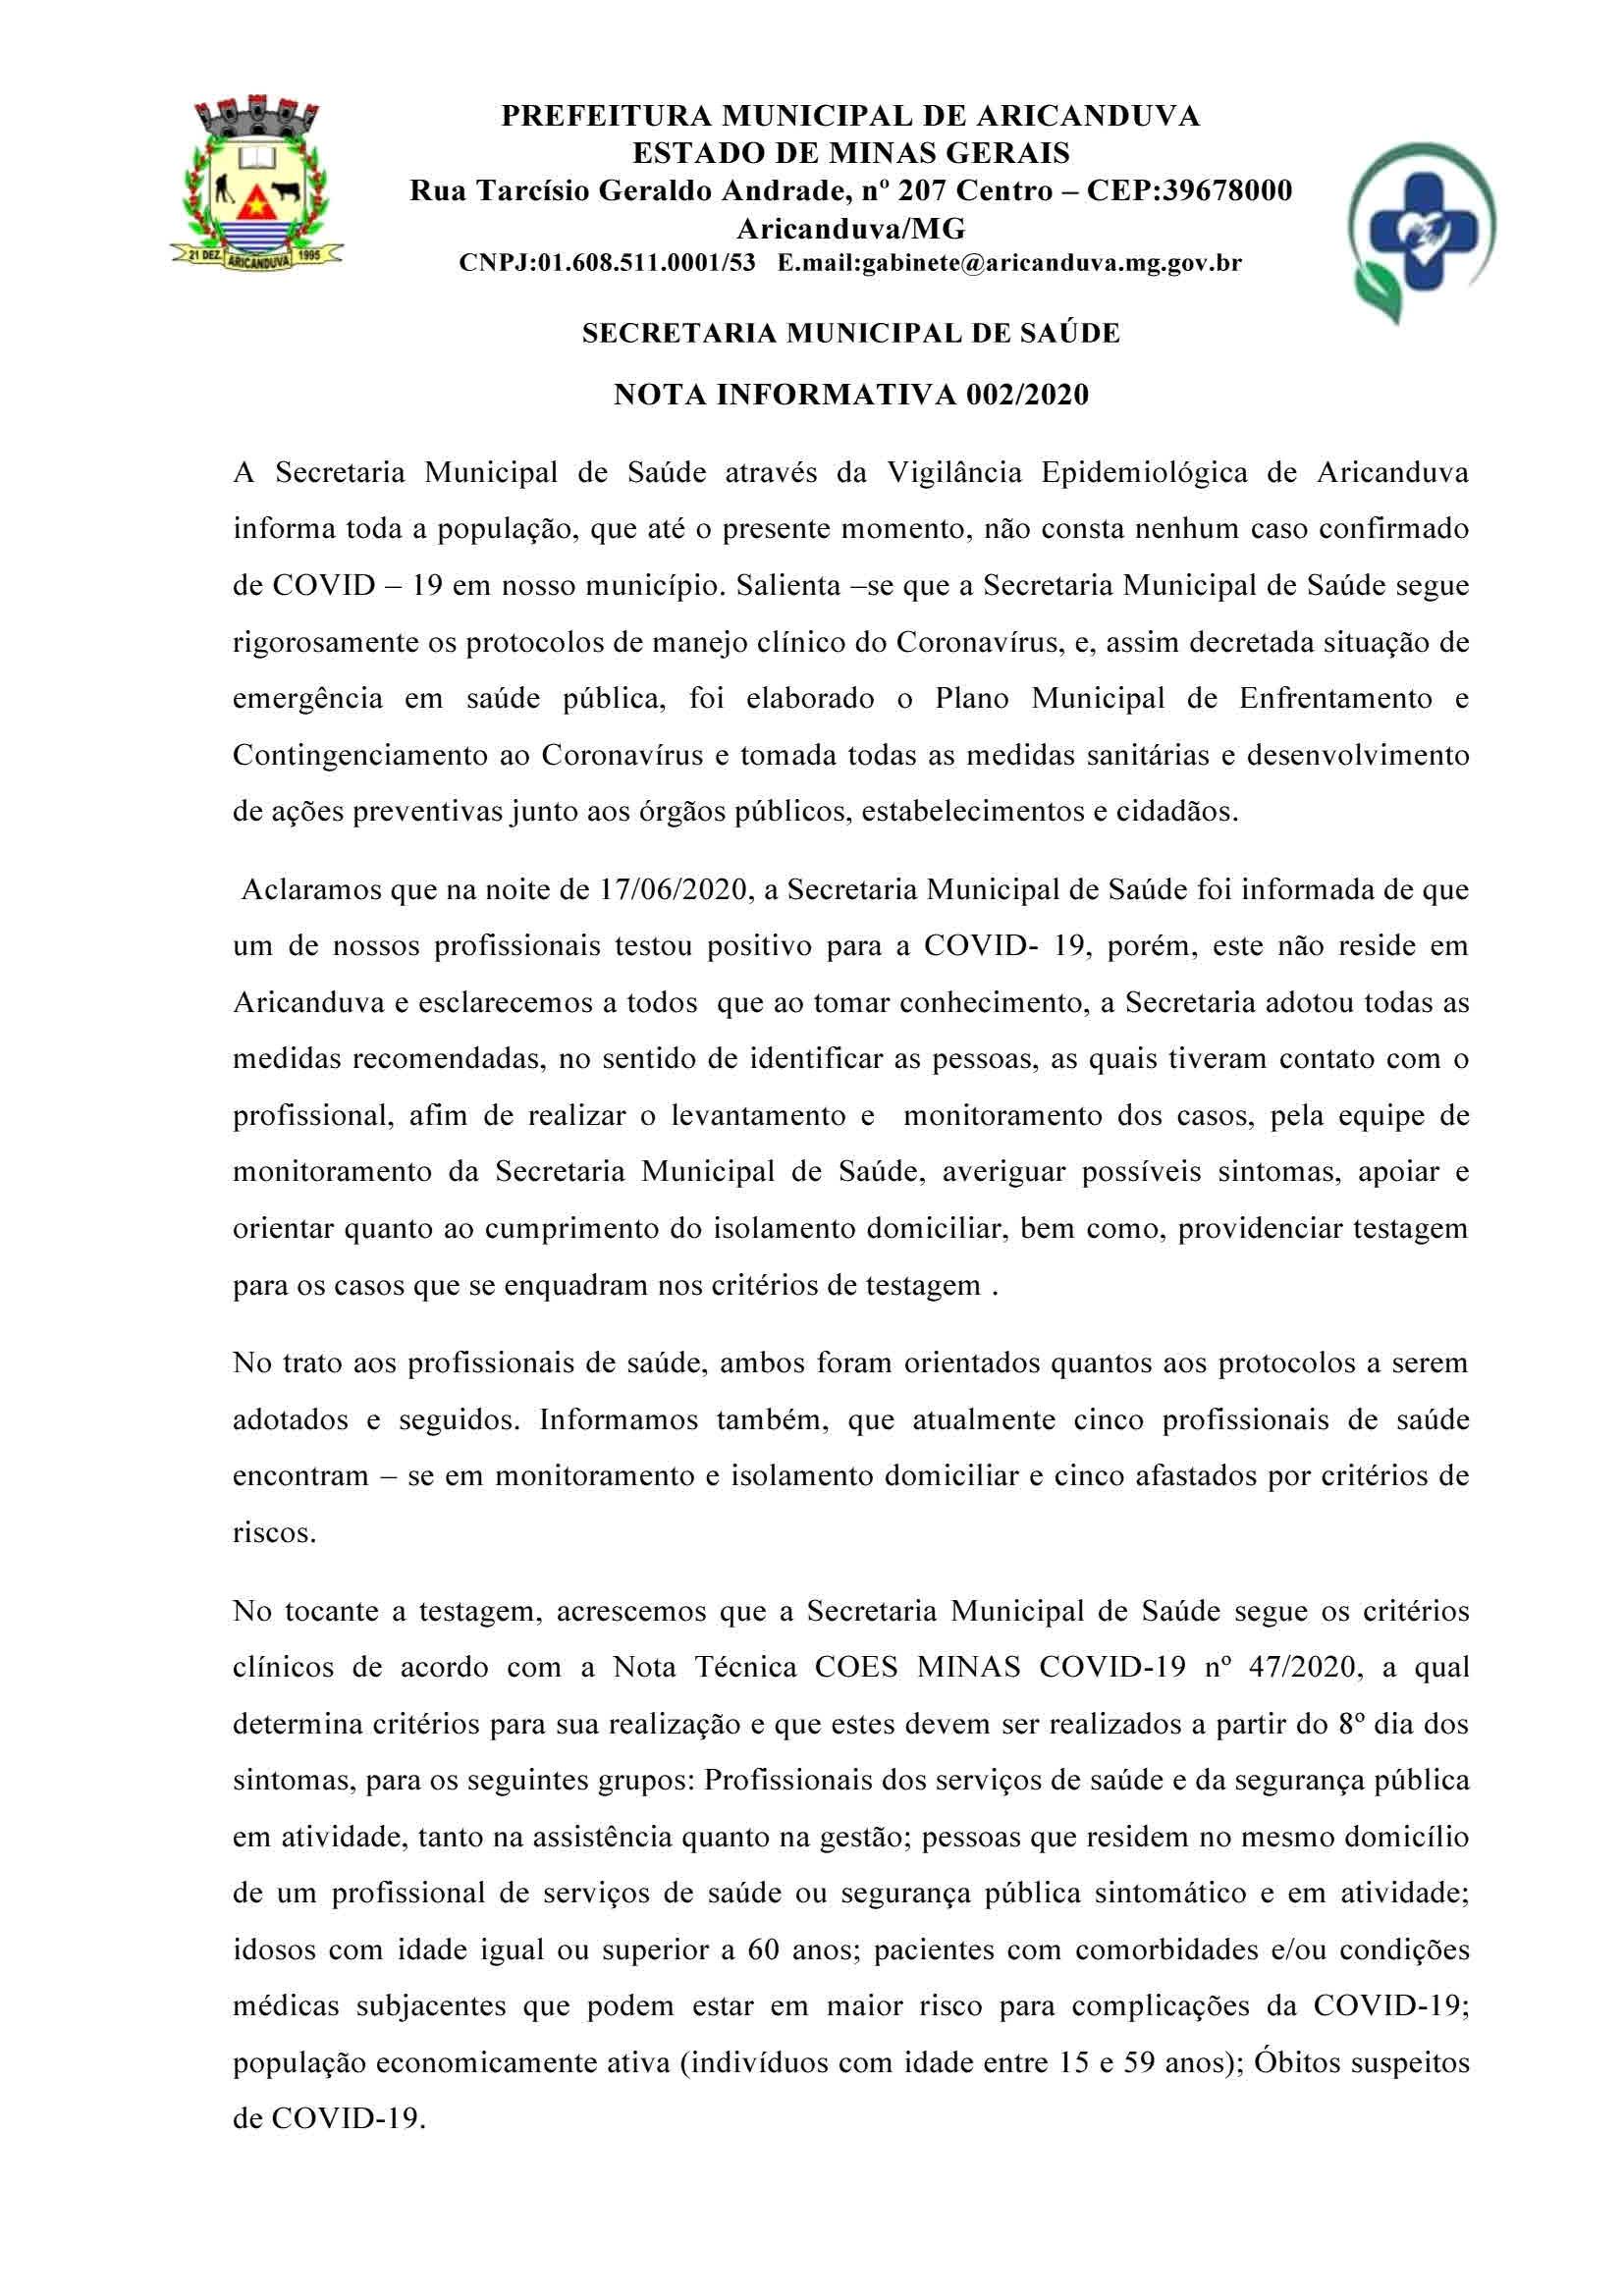 NOTA INFORMATIVA 002/2020 DA SECRETARIA DE SAÚDE